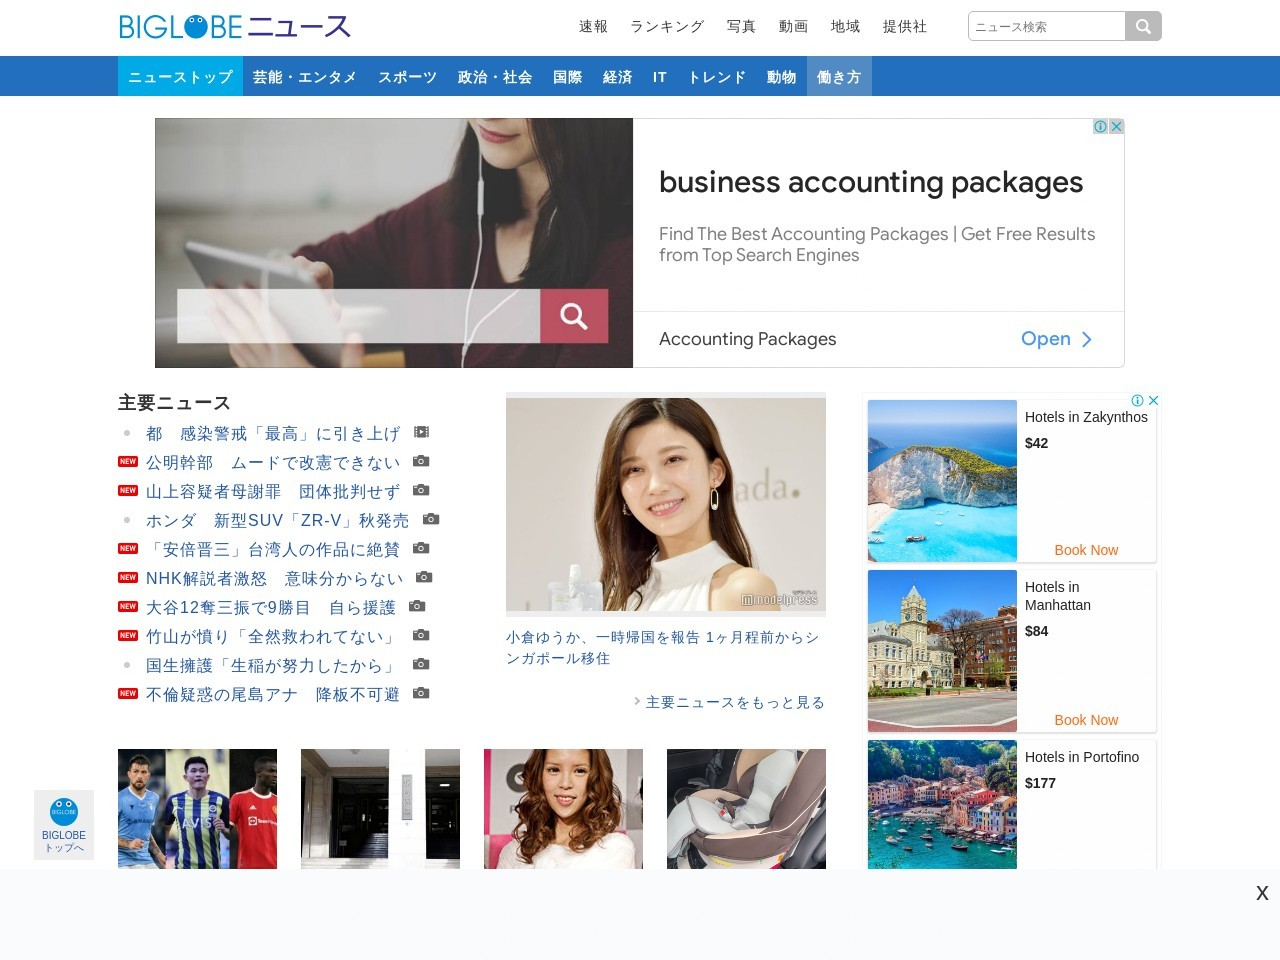 【自動投稿】 【新機能】無料の勤怠管理システム「IEYASU」は、特例措置対象事業場(週44時間集計)に対応 …